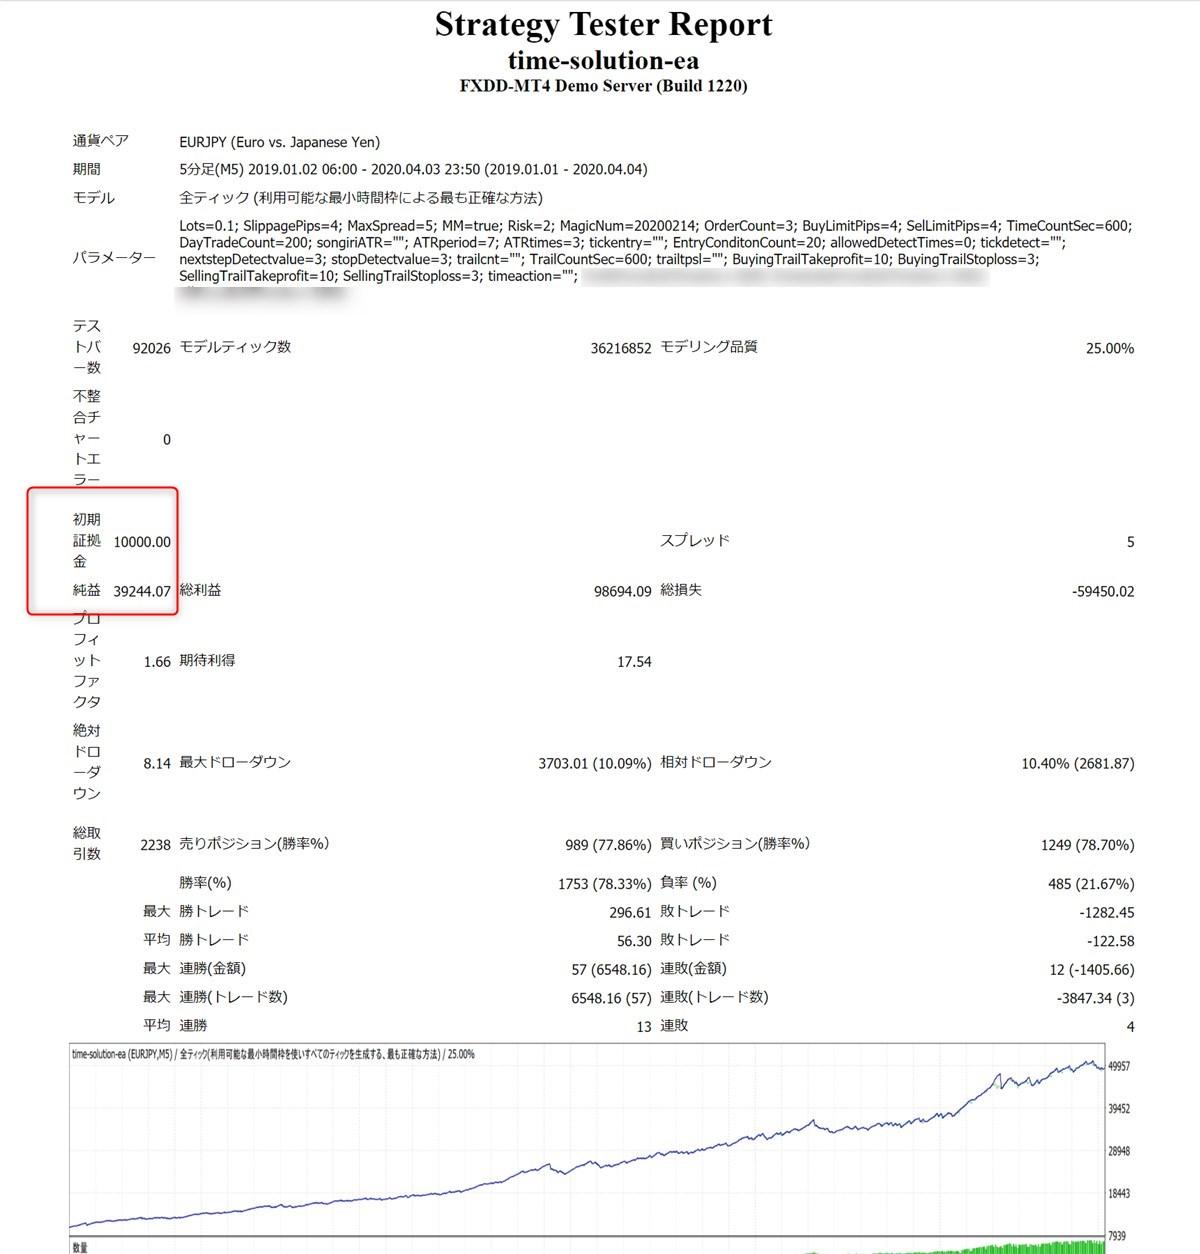 タイムソリューションEA:ユーロ円のバックテスト結果(2019年~2020年4月)